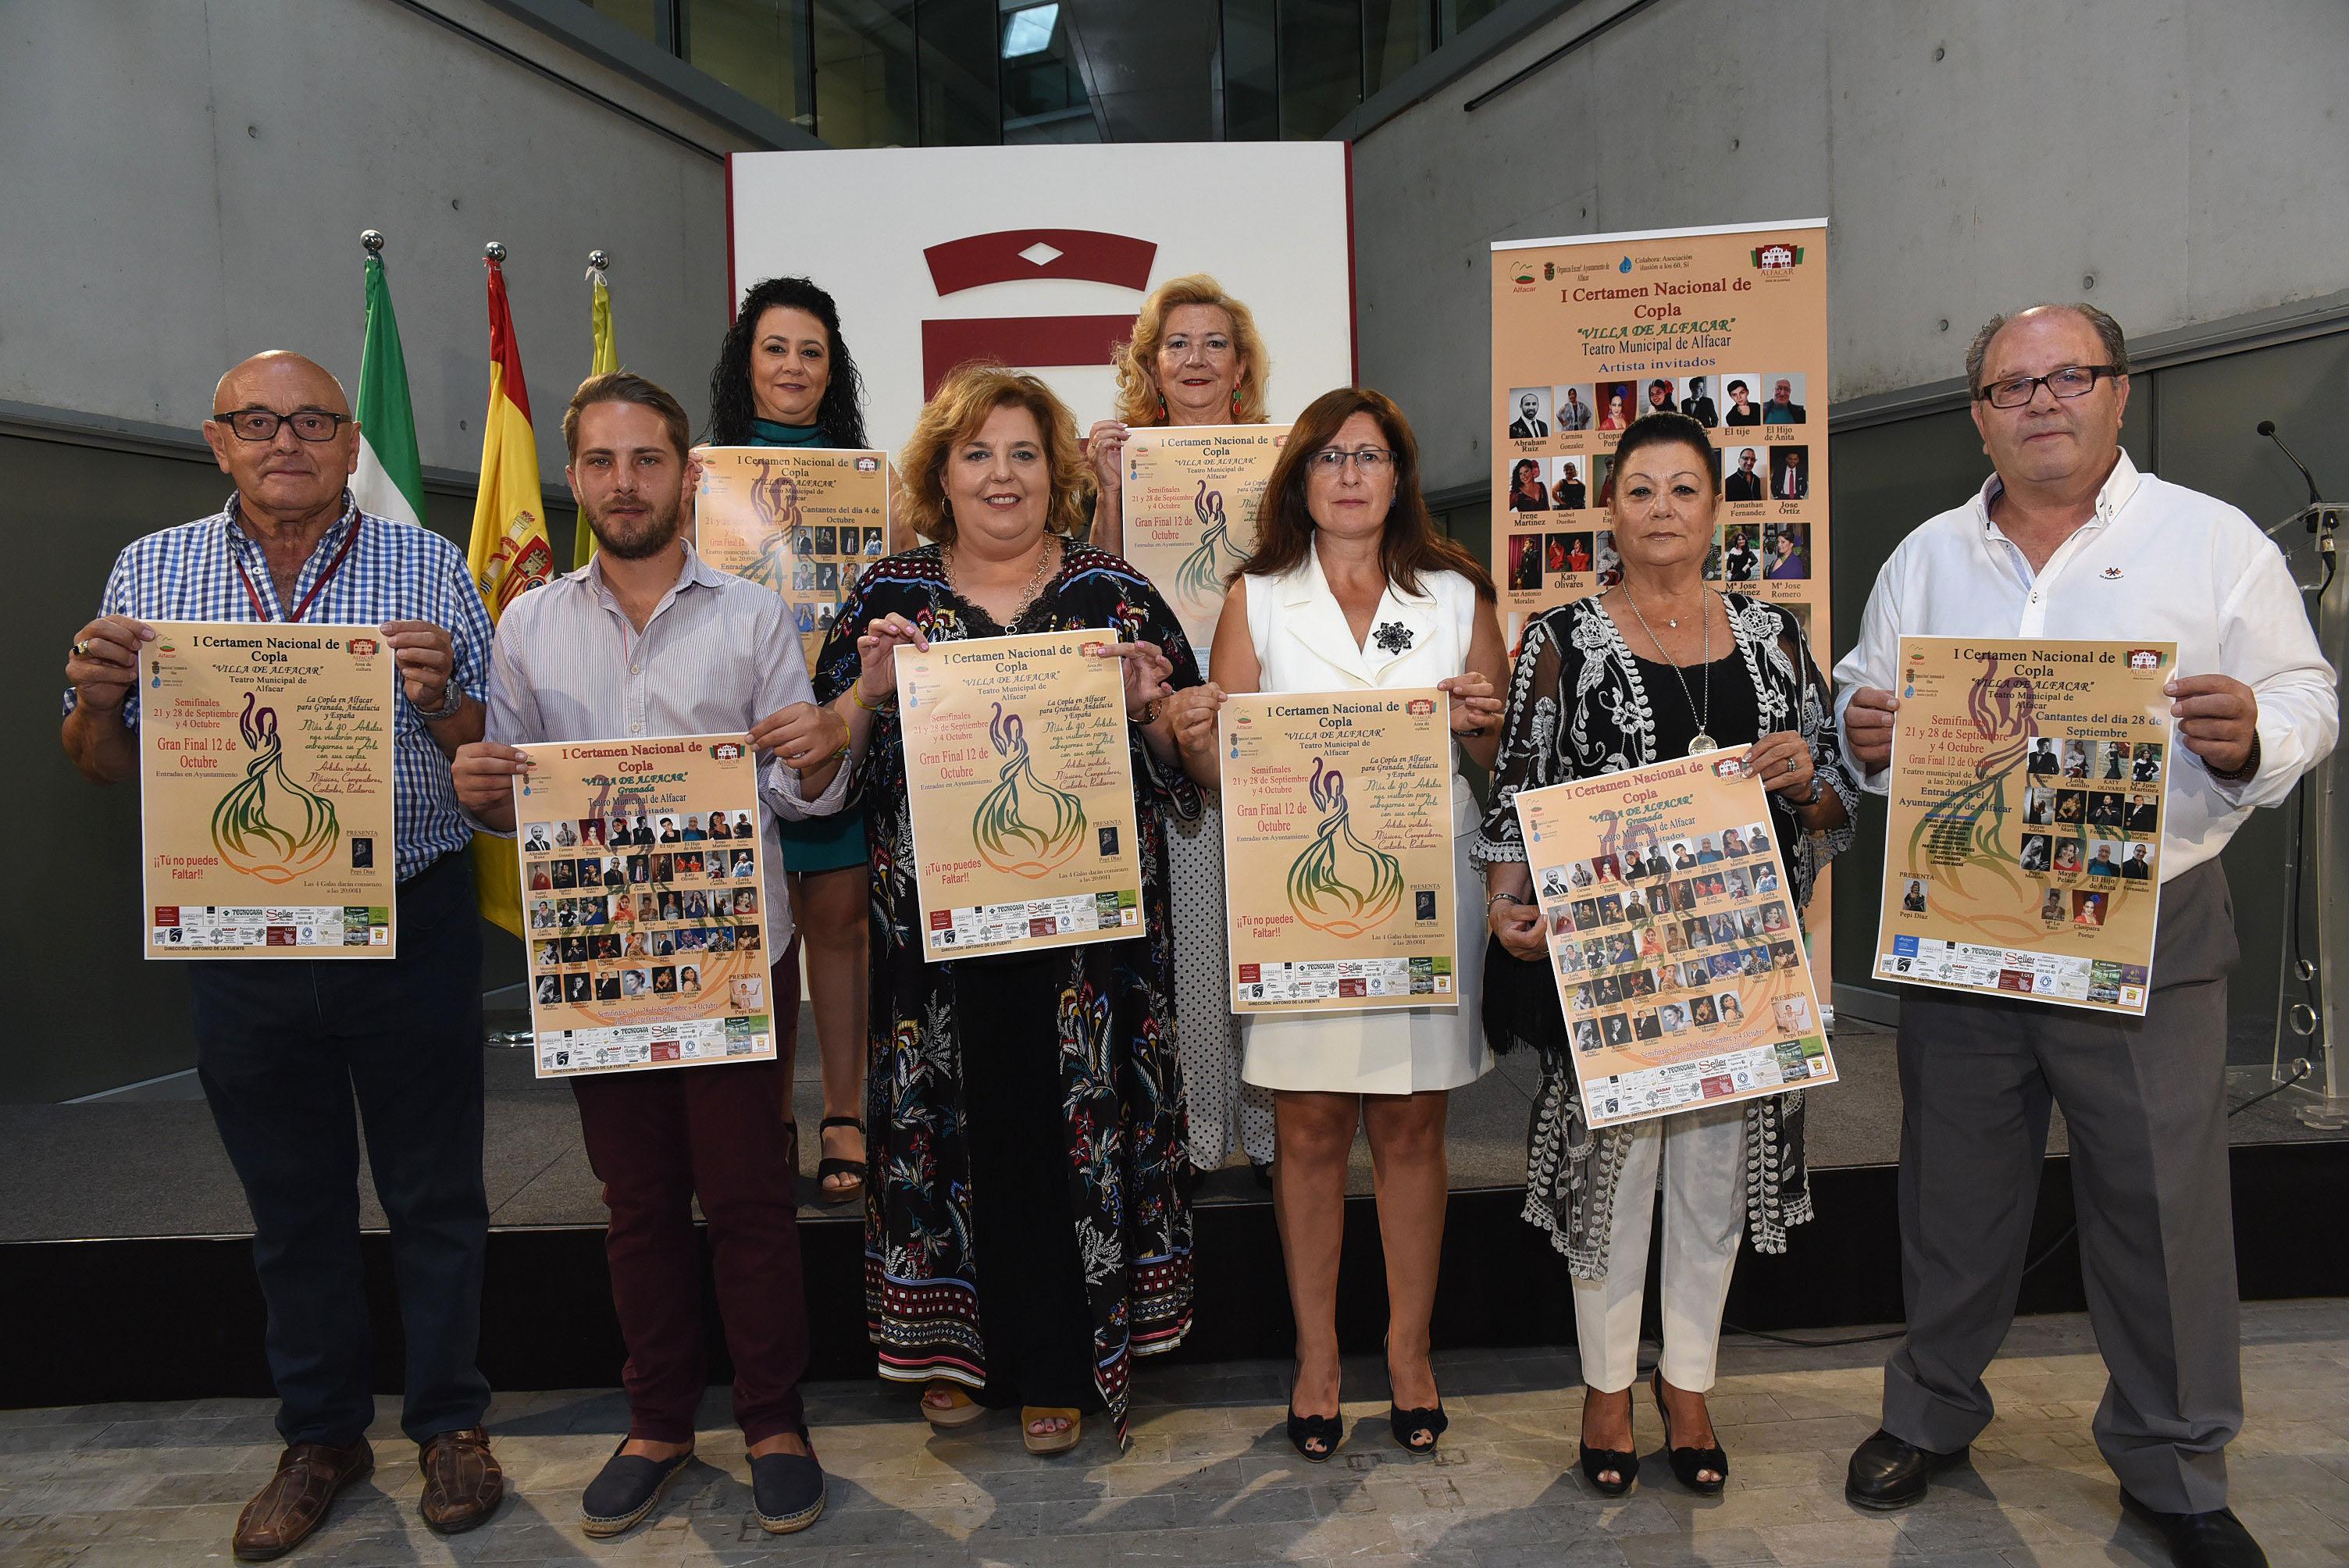 Más de 40 artistas participarán en el I Certamen Nacional de Copla Villa de Alfacar